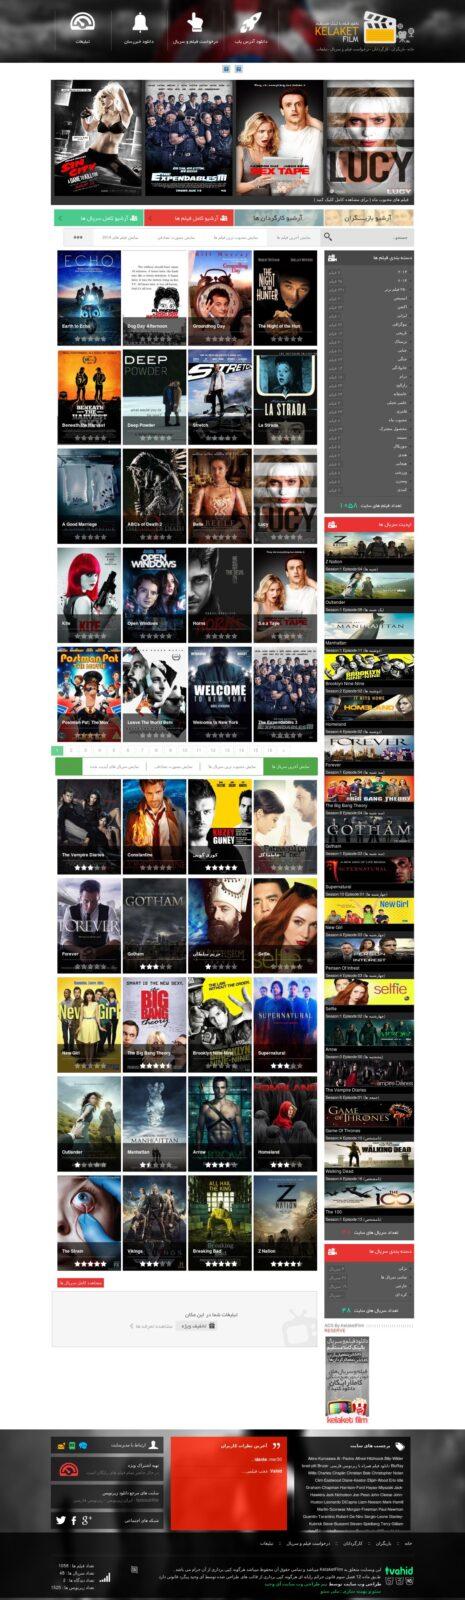 طراحی سایت فیلم و سریال کلاکت فیلم